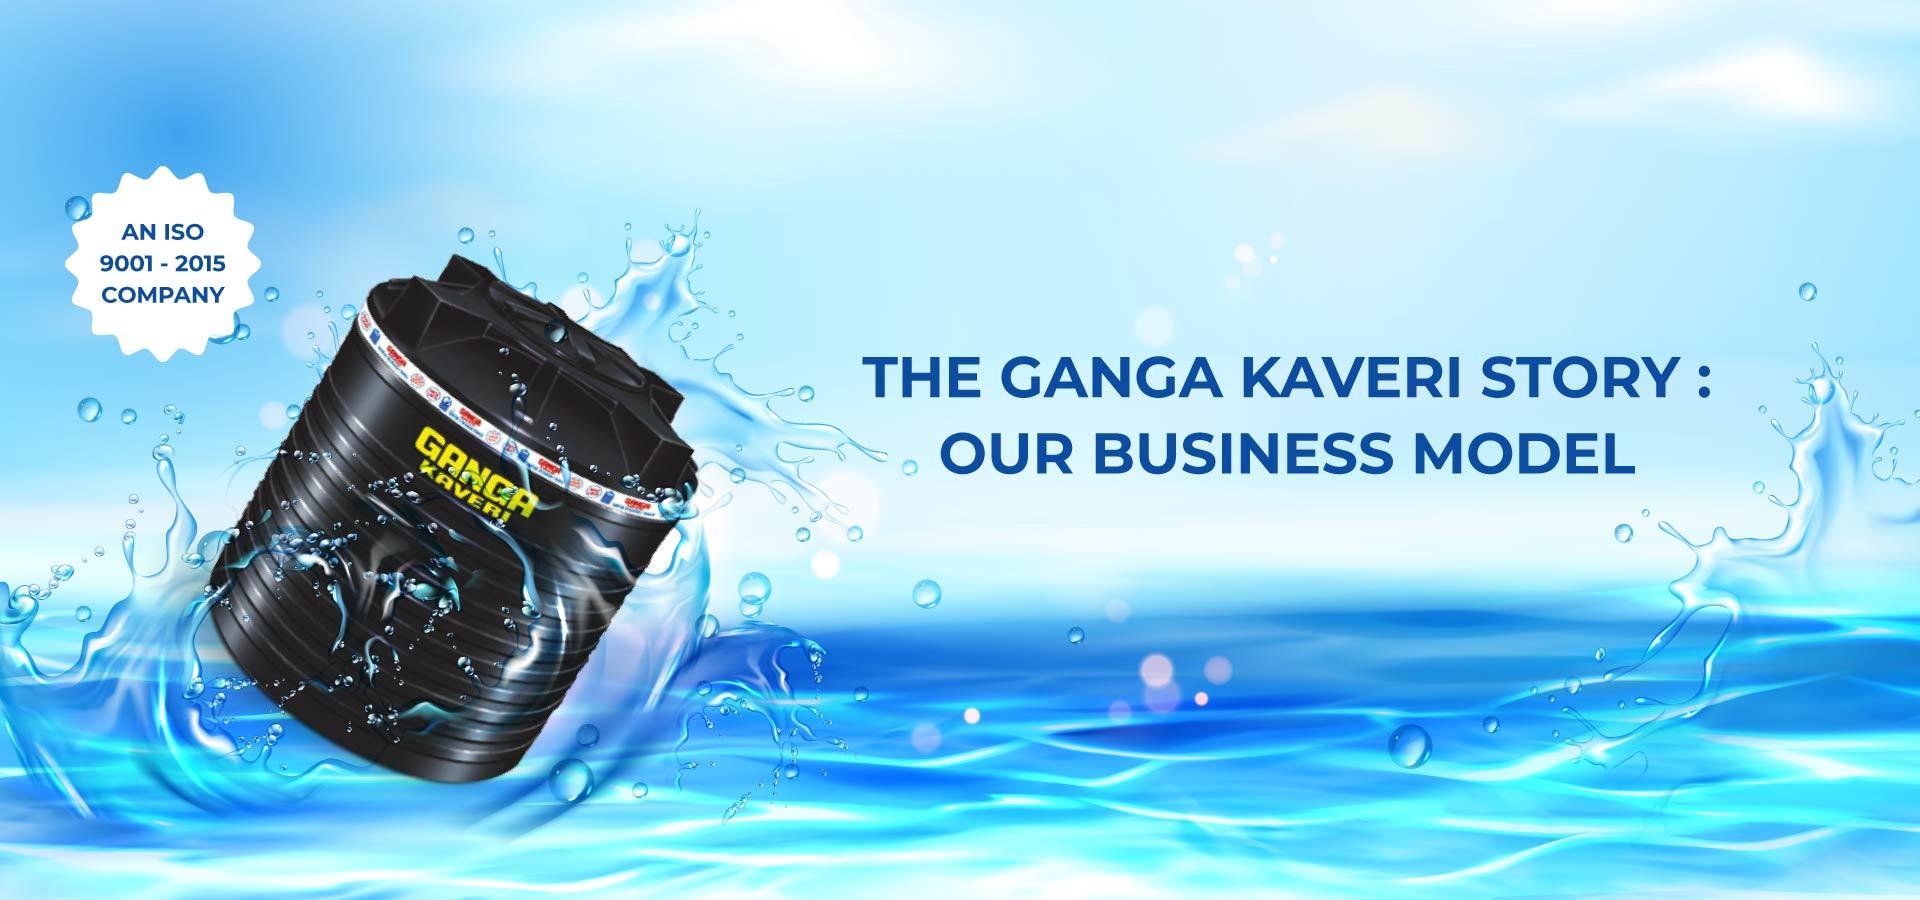 About gangakaveri water tank business model